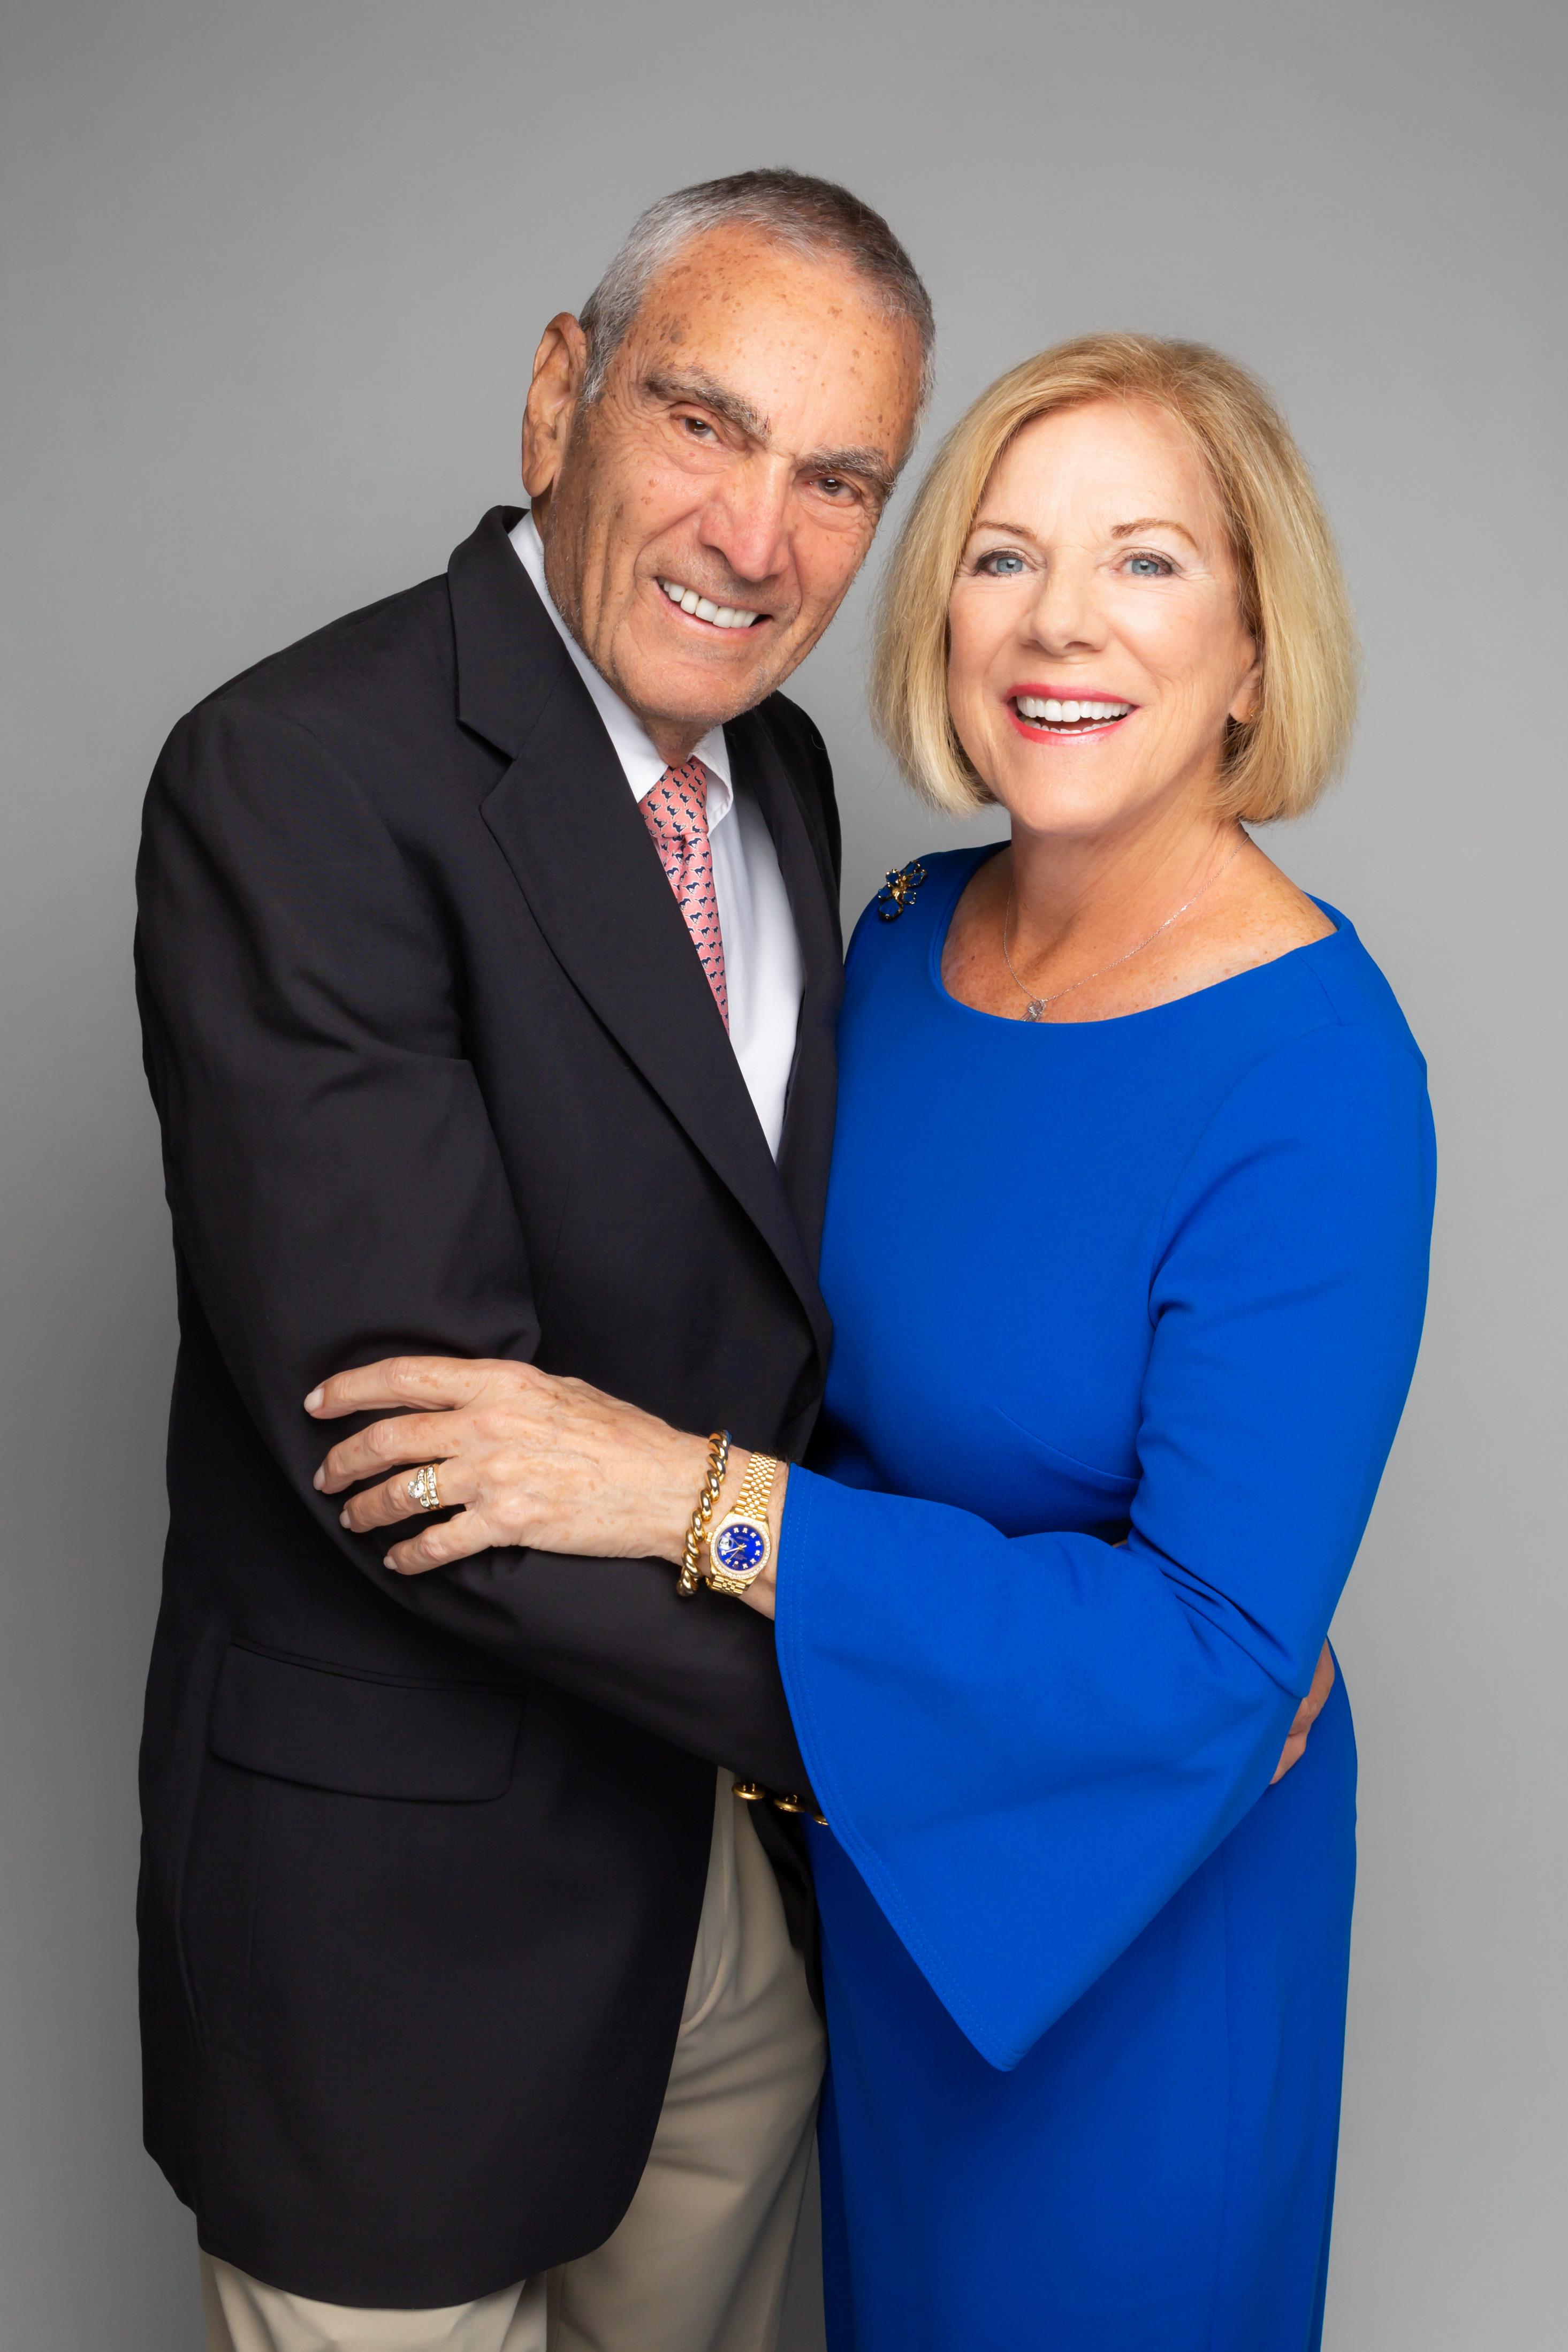 Jim and Susan Yezbick